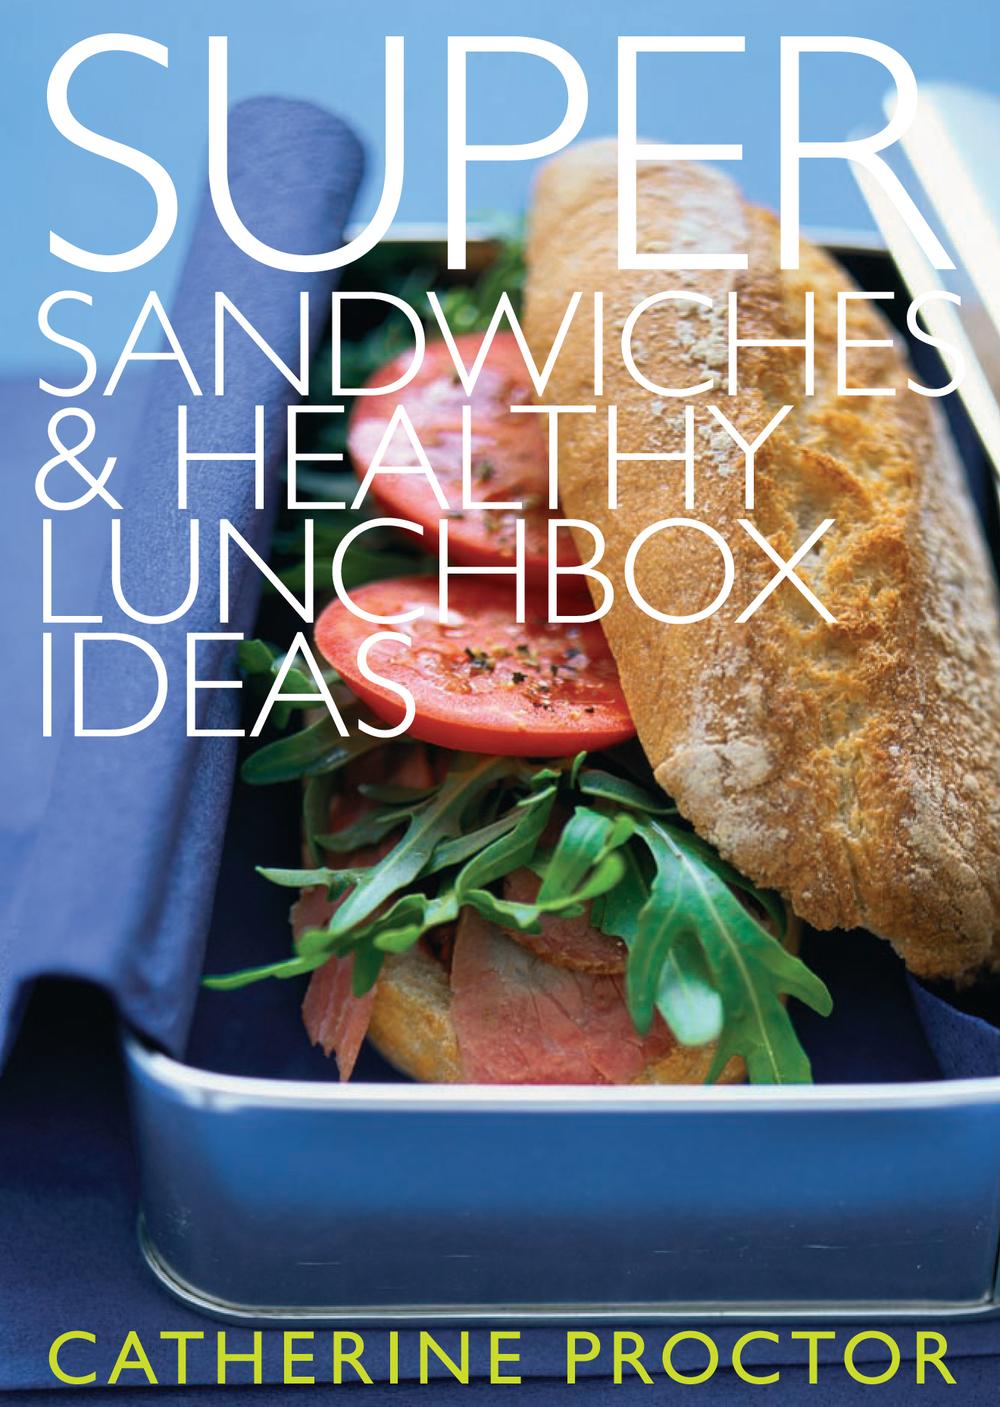 Super-Sandwiches-Lunchbox-Ideas-Cover.jpg